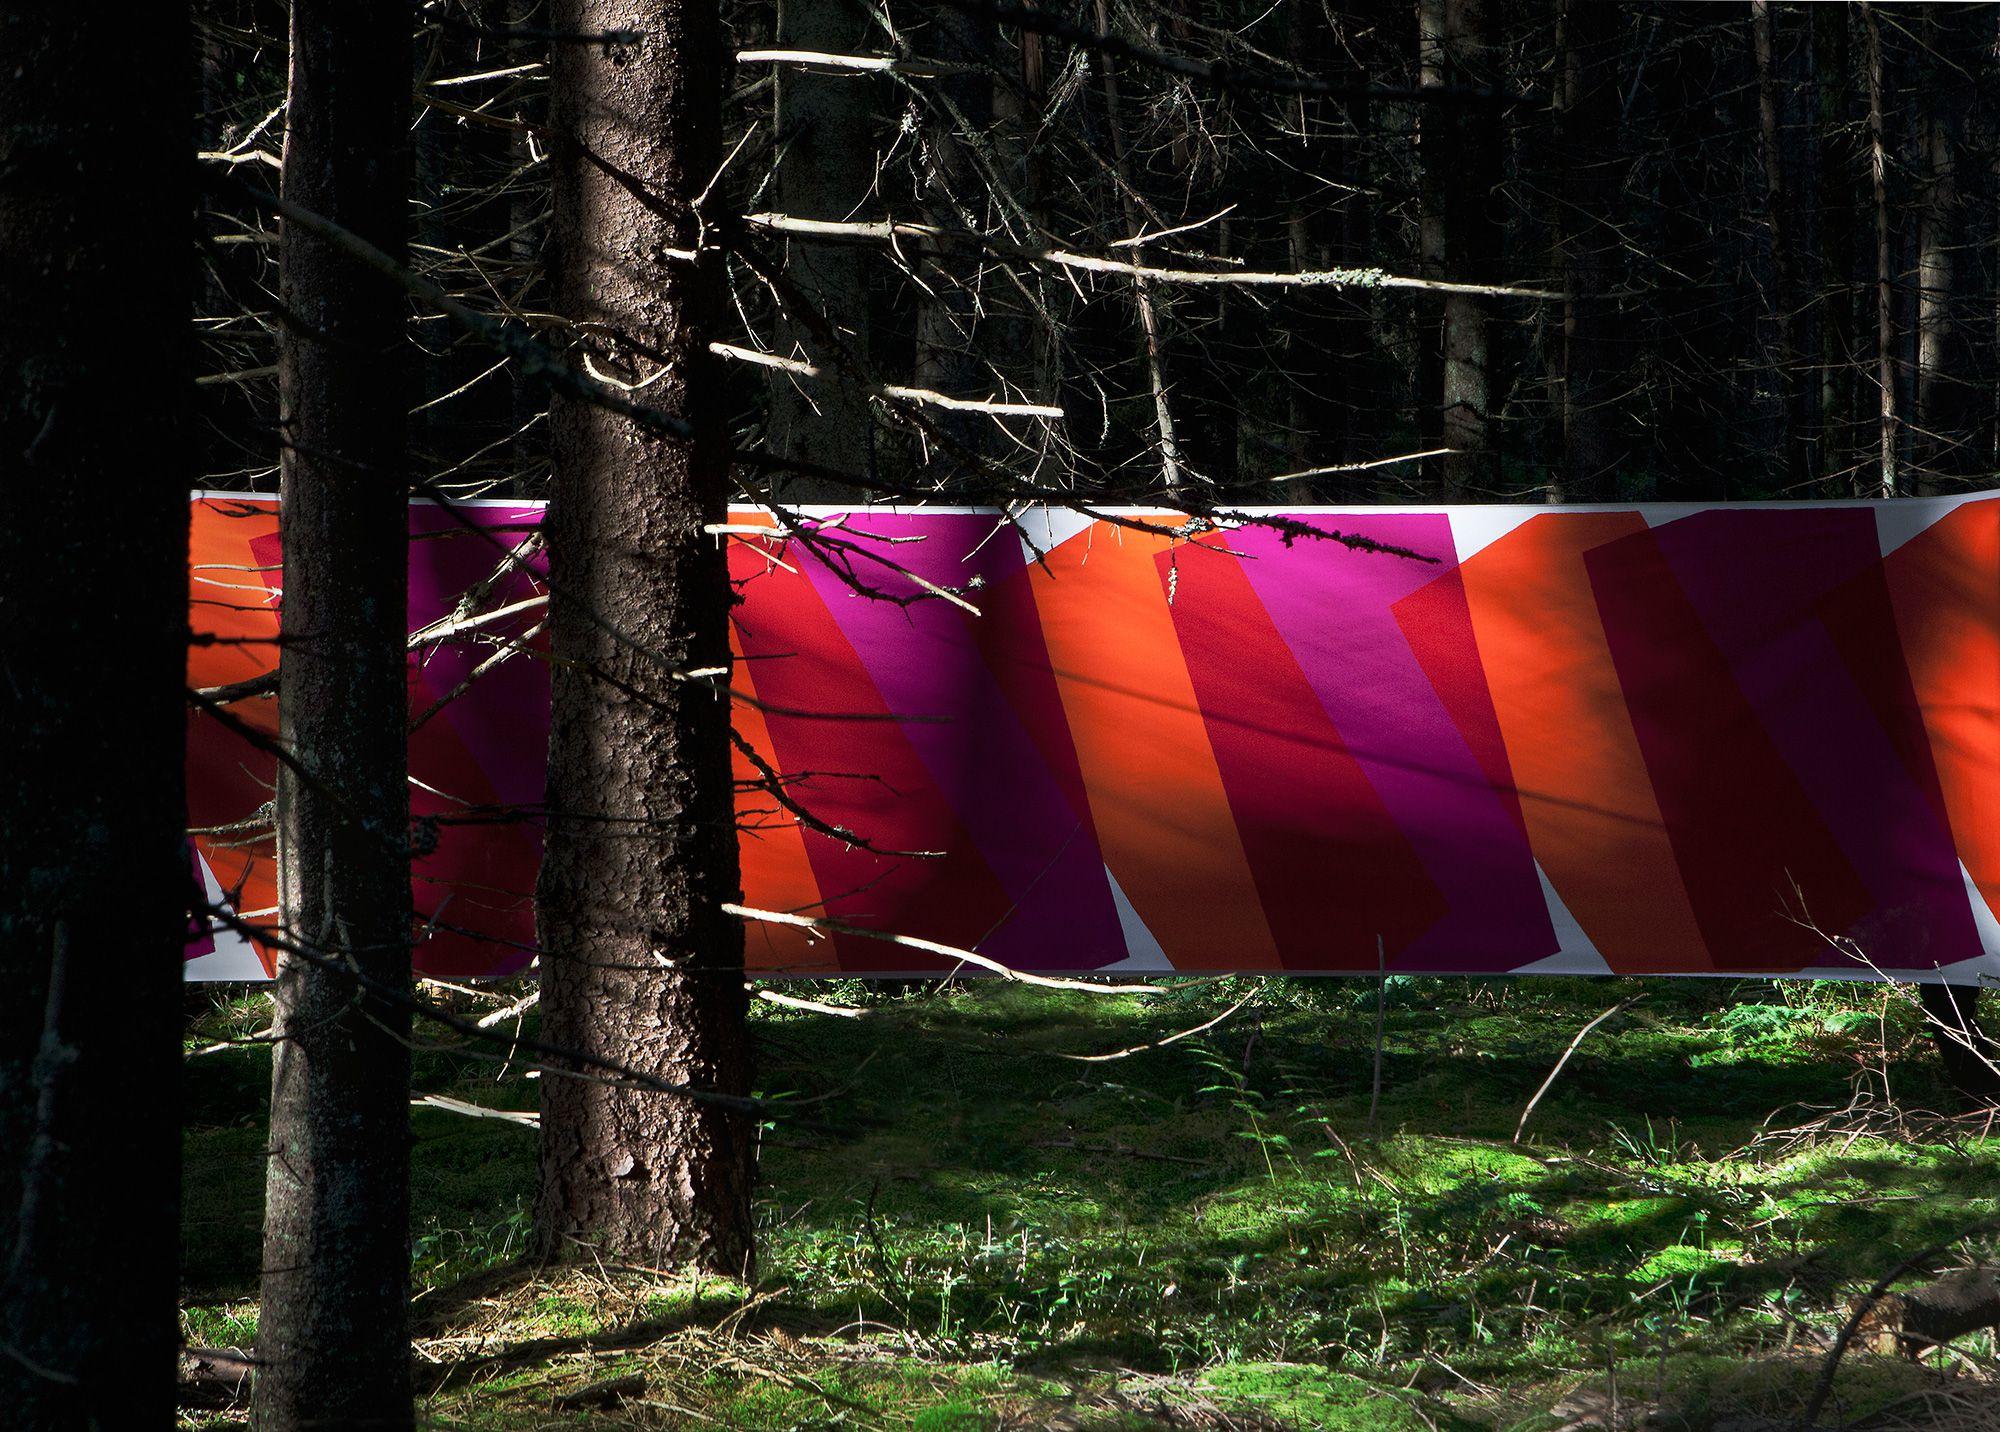 OTTAIPNU オリジナルファブリック『noki』スクリーンプリント2018 早朝のヌークシオ国立公園付近で撮影。